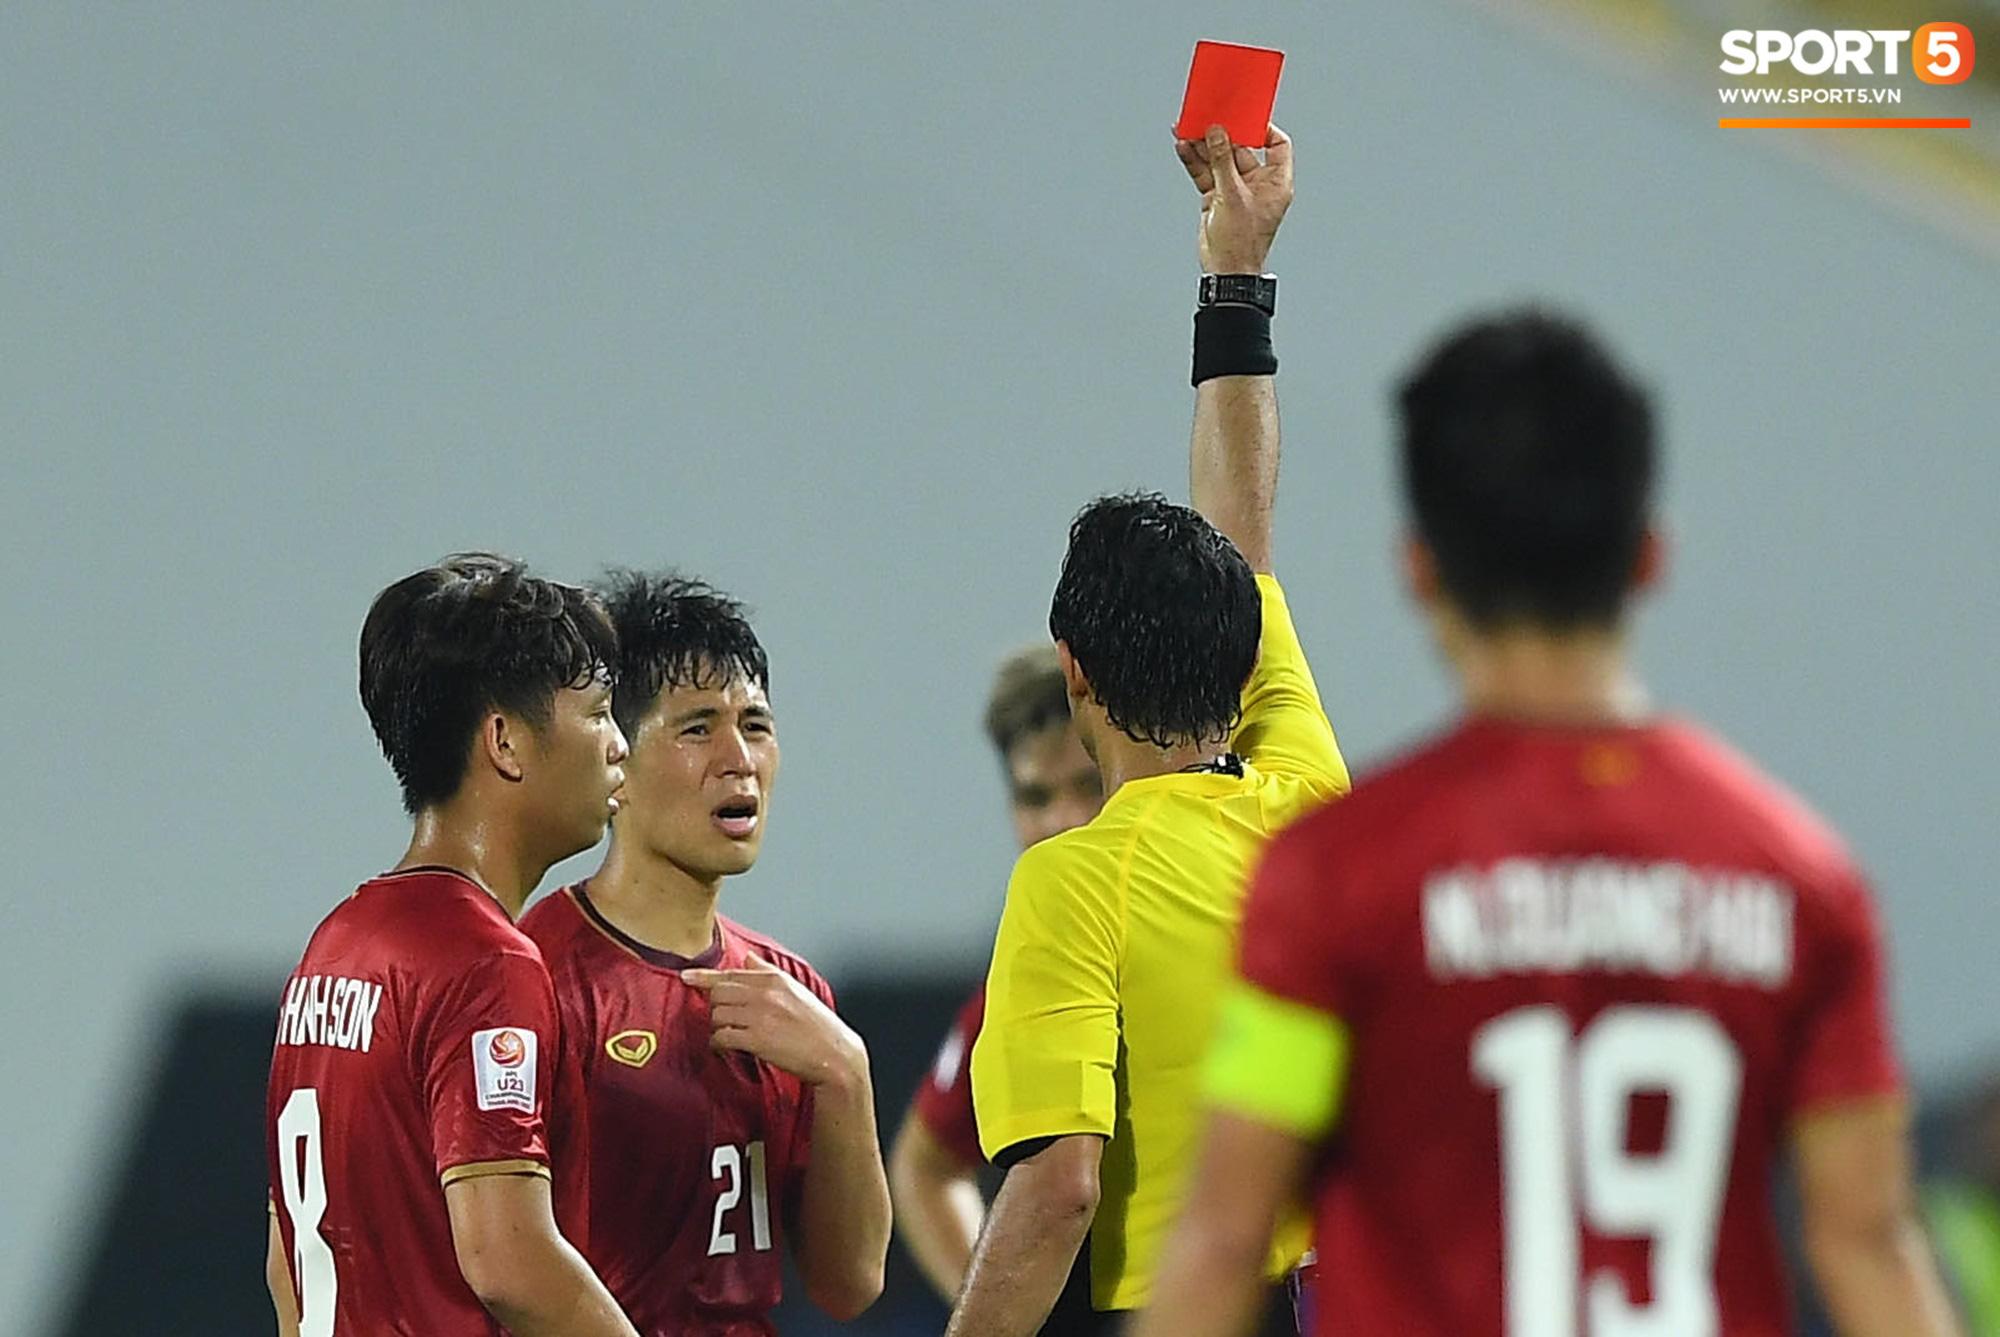 Rộ tin Trần Đình Trọng âm thầm lên bàn mổ và nghỉ hết năm 2020, đại diện Hà Nội FC nói gì? - Ảnh 3.